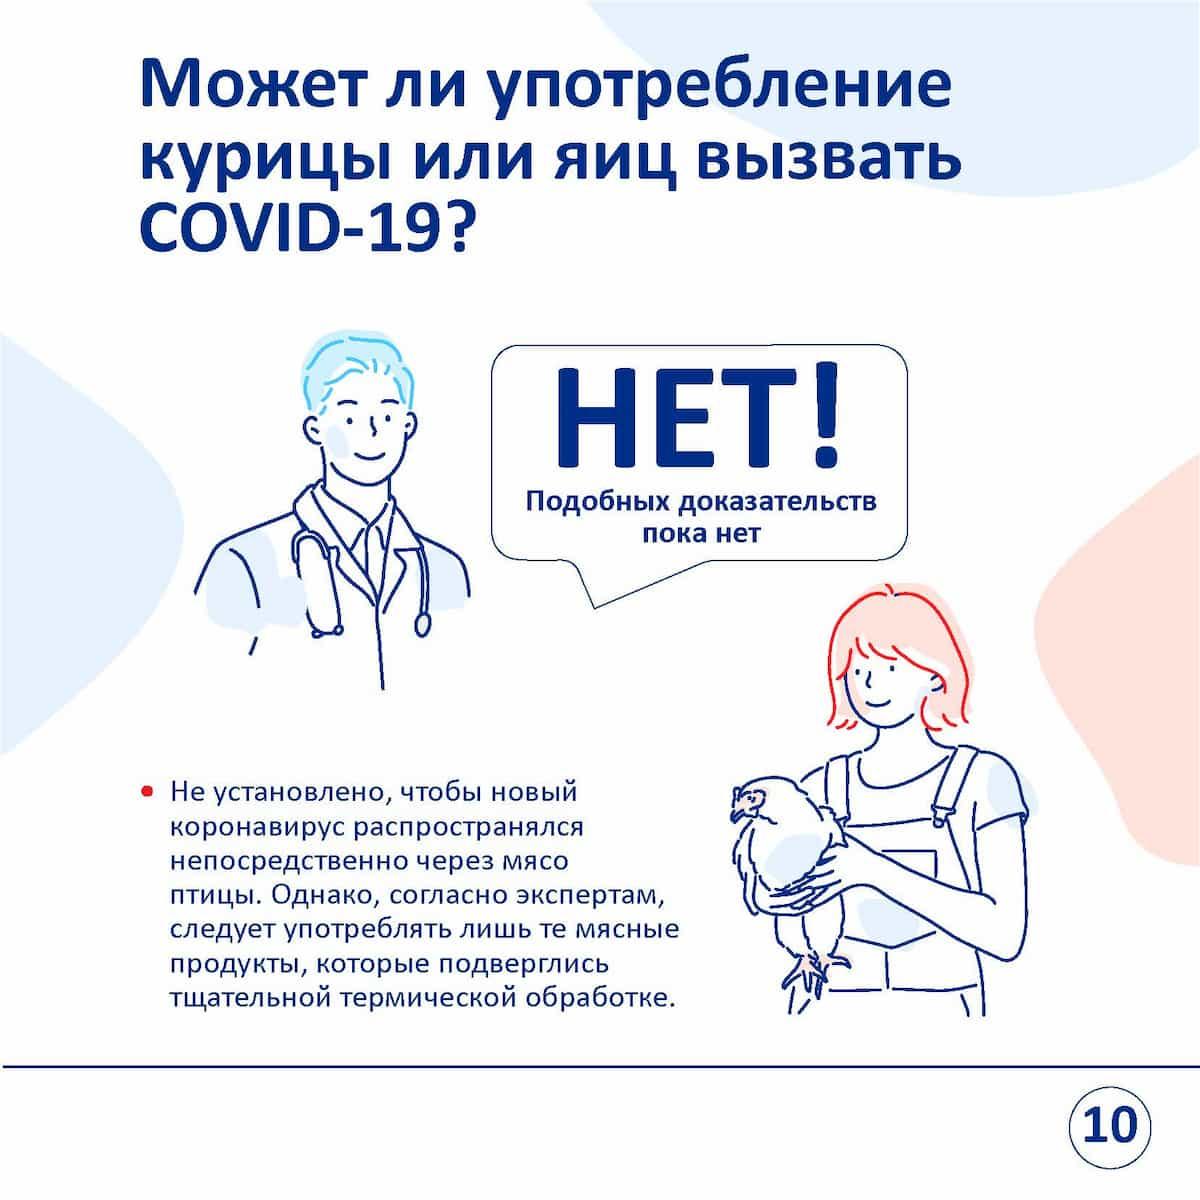 вызывание коронавируса употреблением курицы